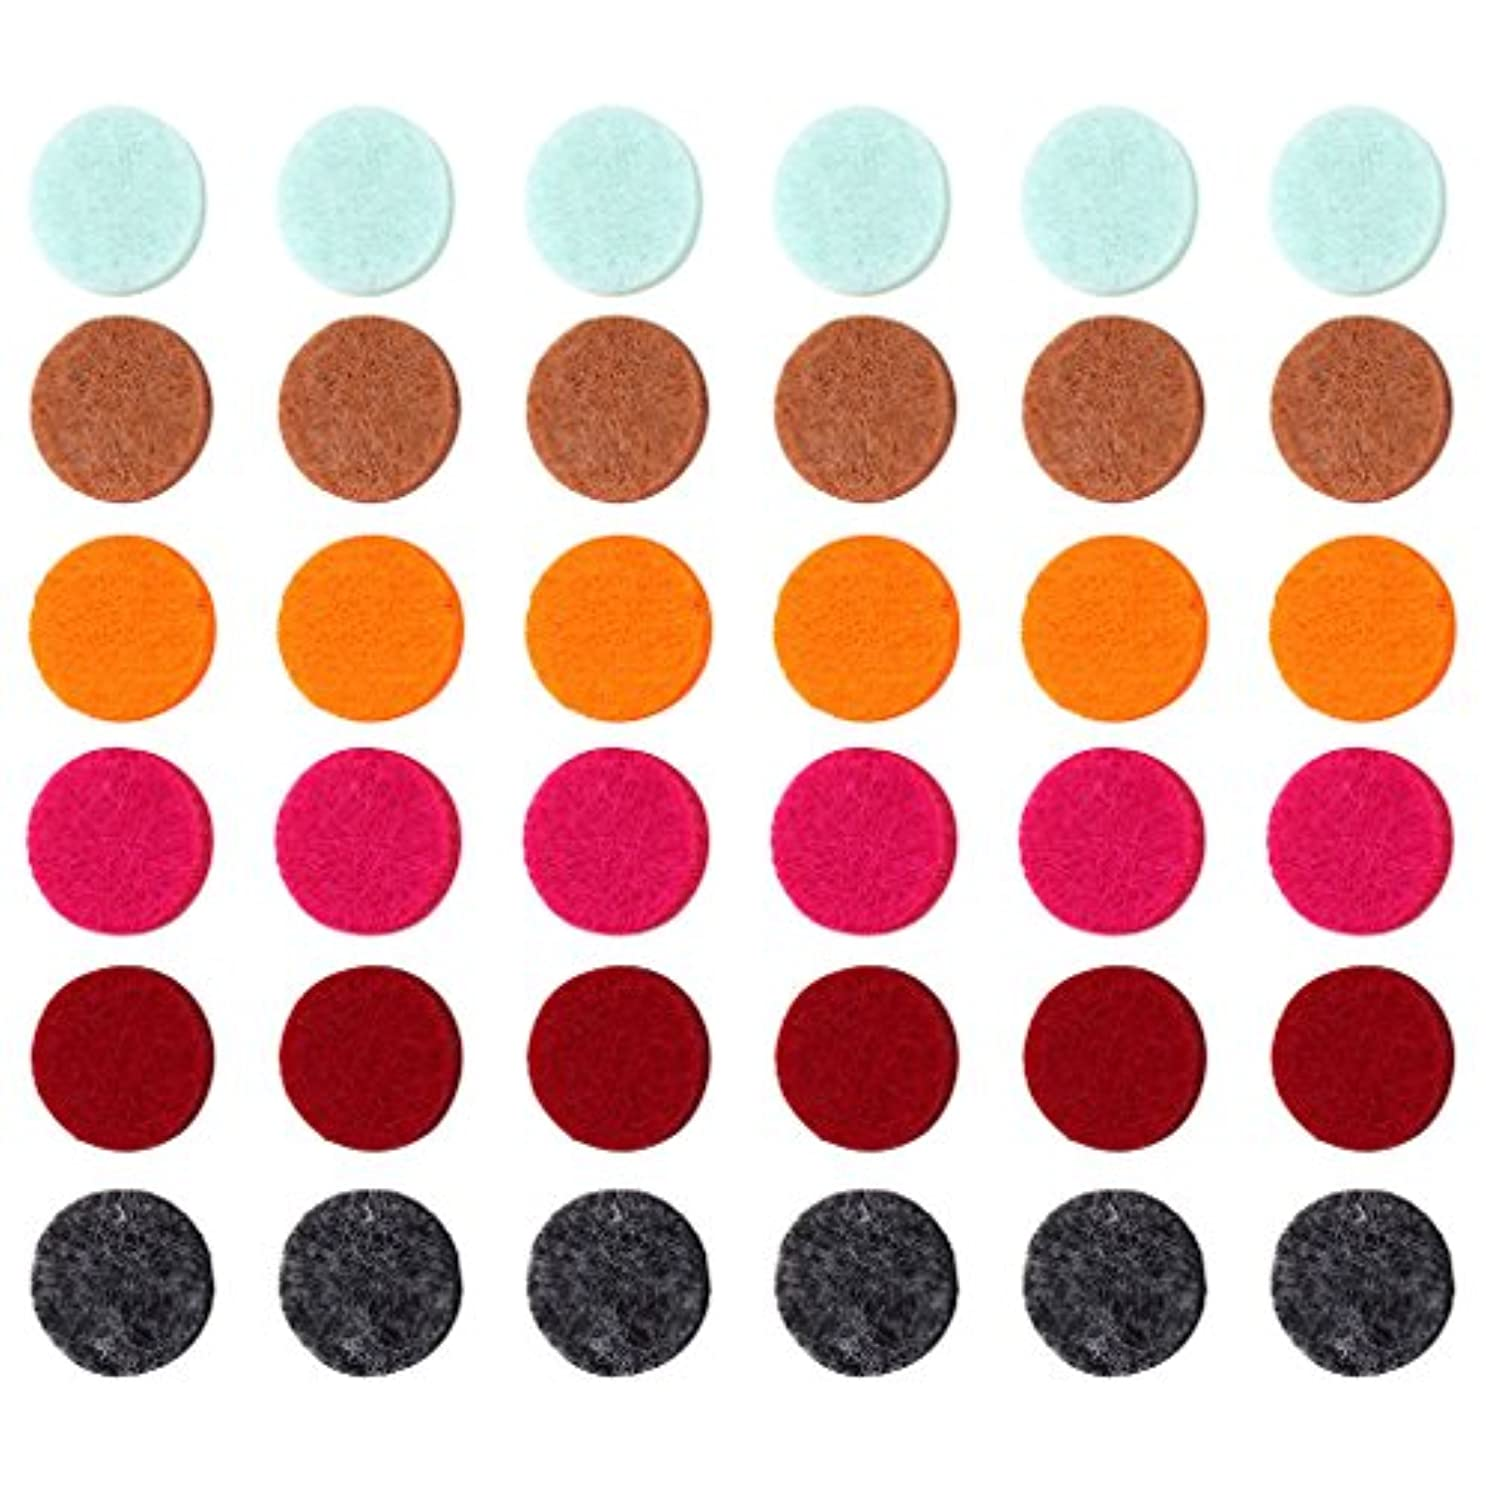 しなやかなどこでも実現可能性ZYsta 36個Refill Pads for Aromatherapy Essential Oil Diffuserロケットネックレス、交換用パッド: Thickened/洗濯可能/高吸水性のアロマディフューザーペンダント